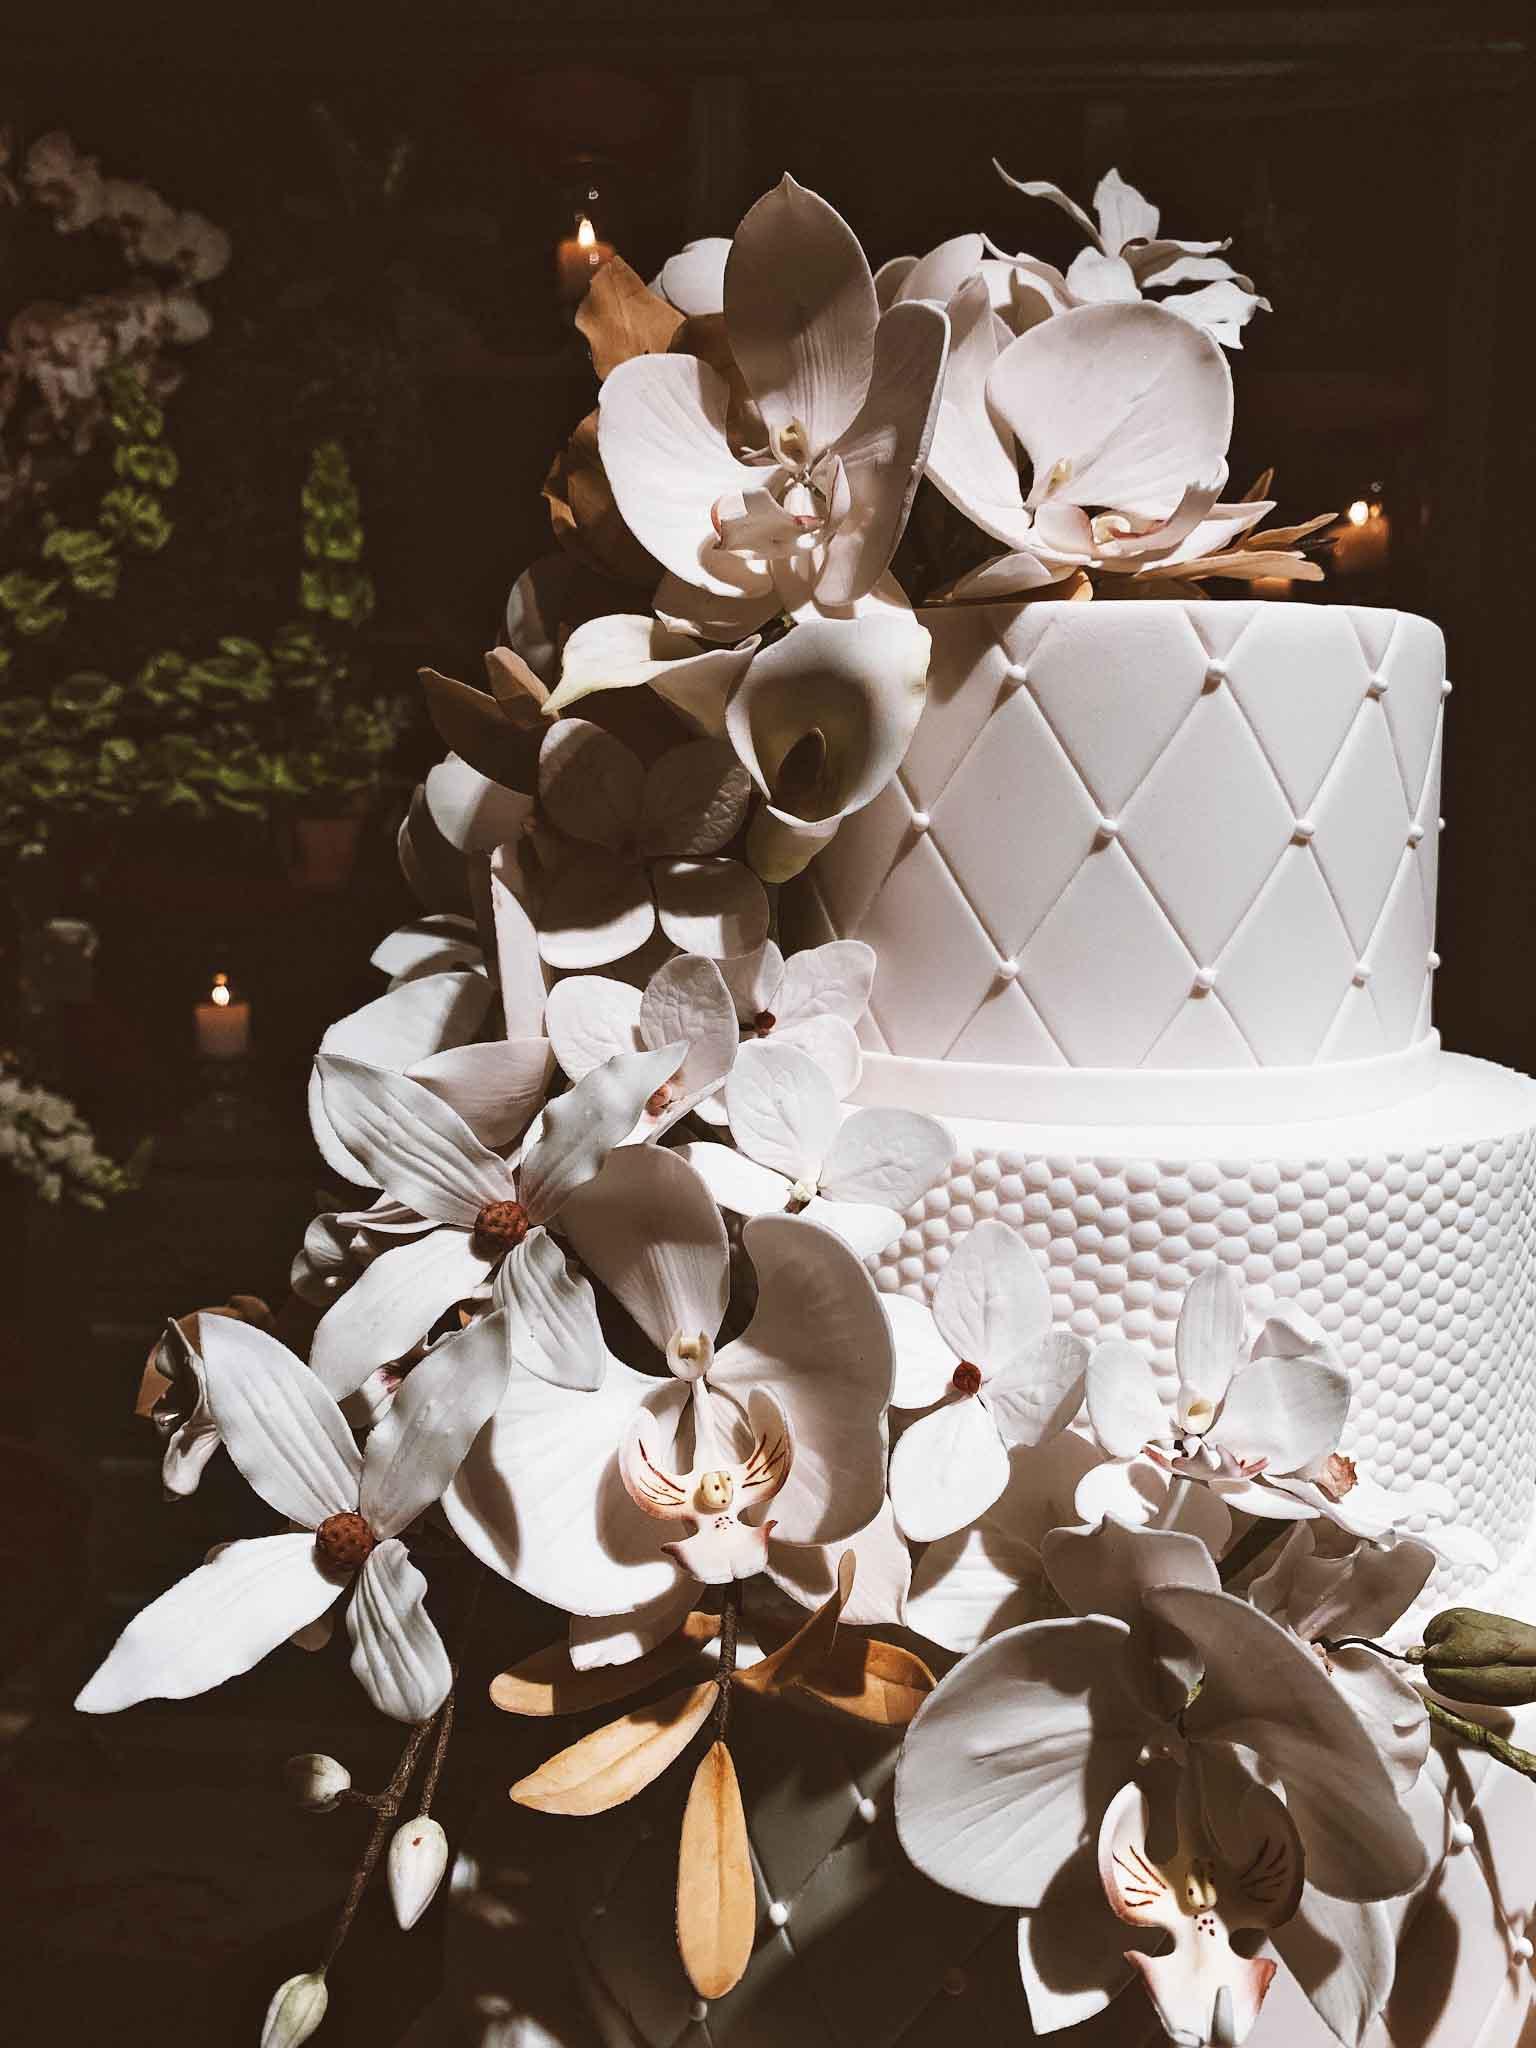 detalhes-bolo-casamento.jpg